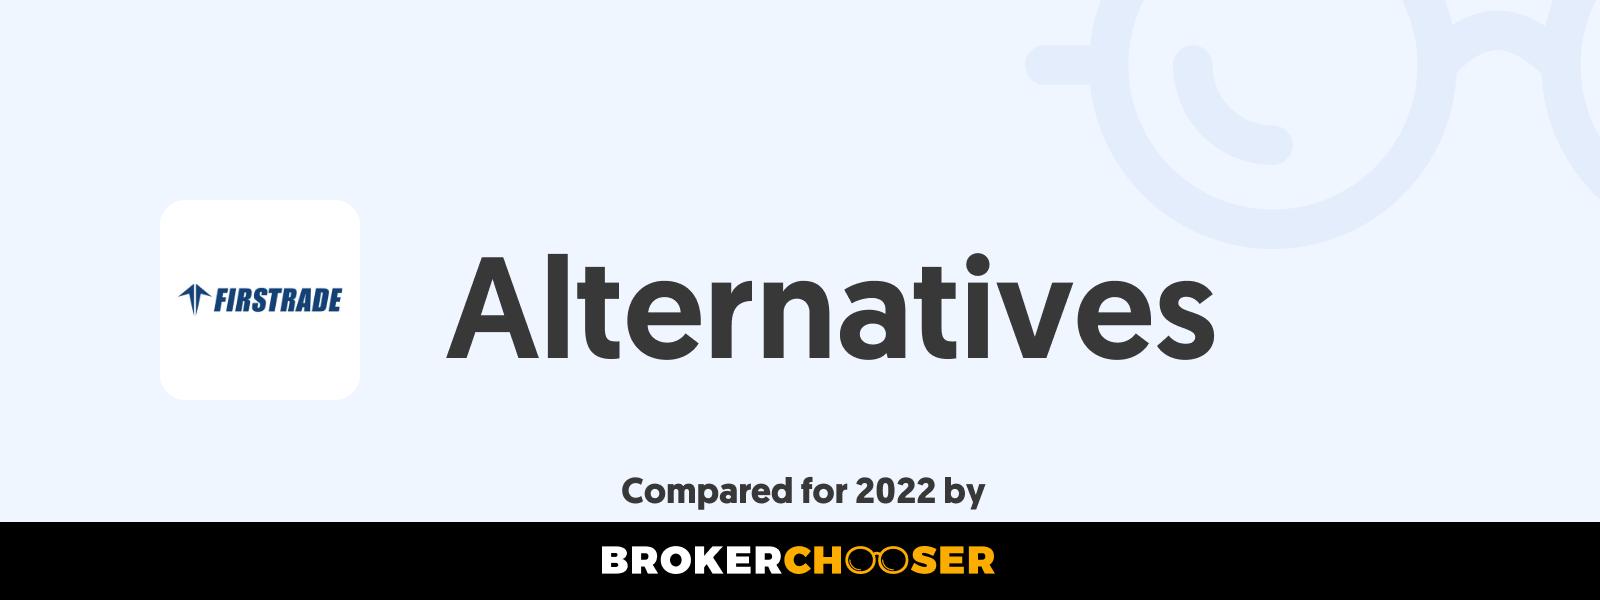 Firstrade Alternatives